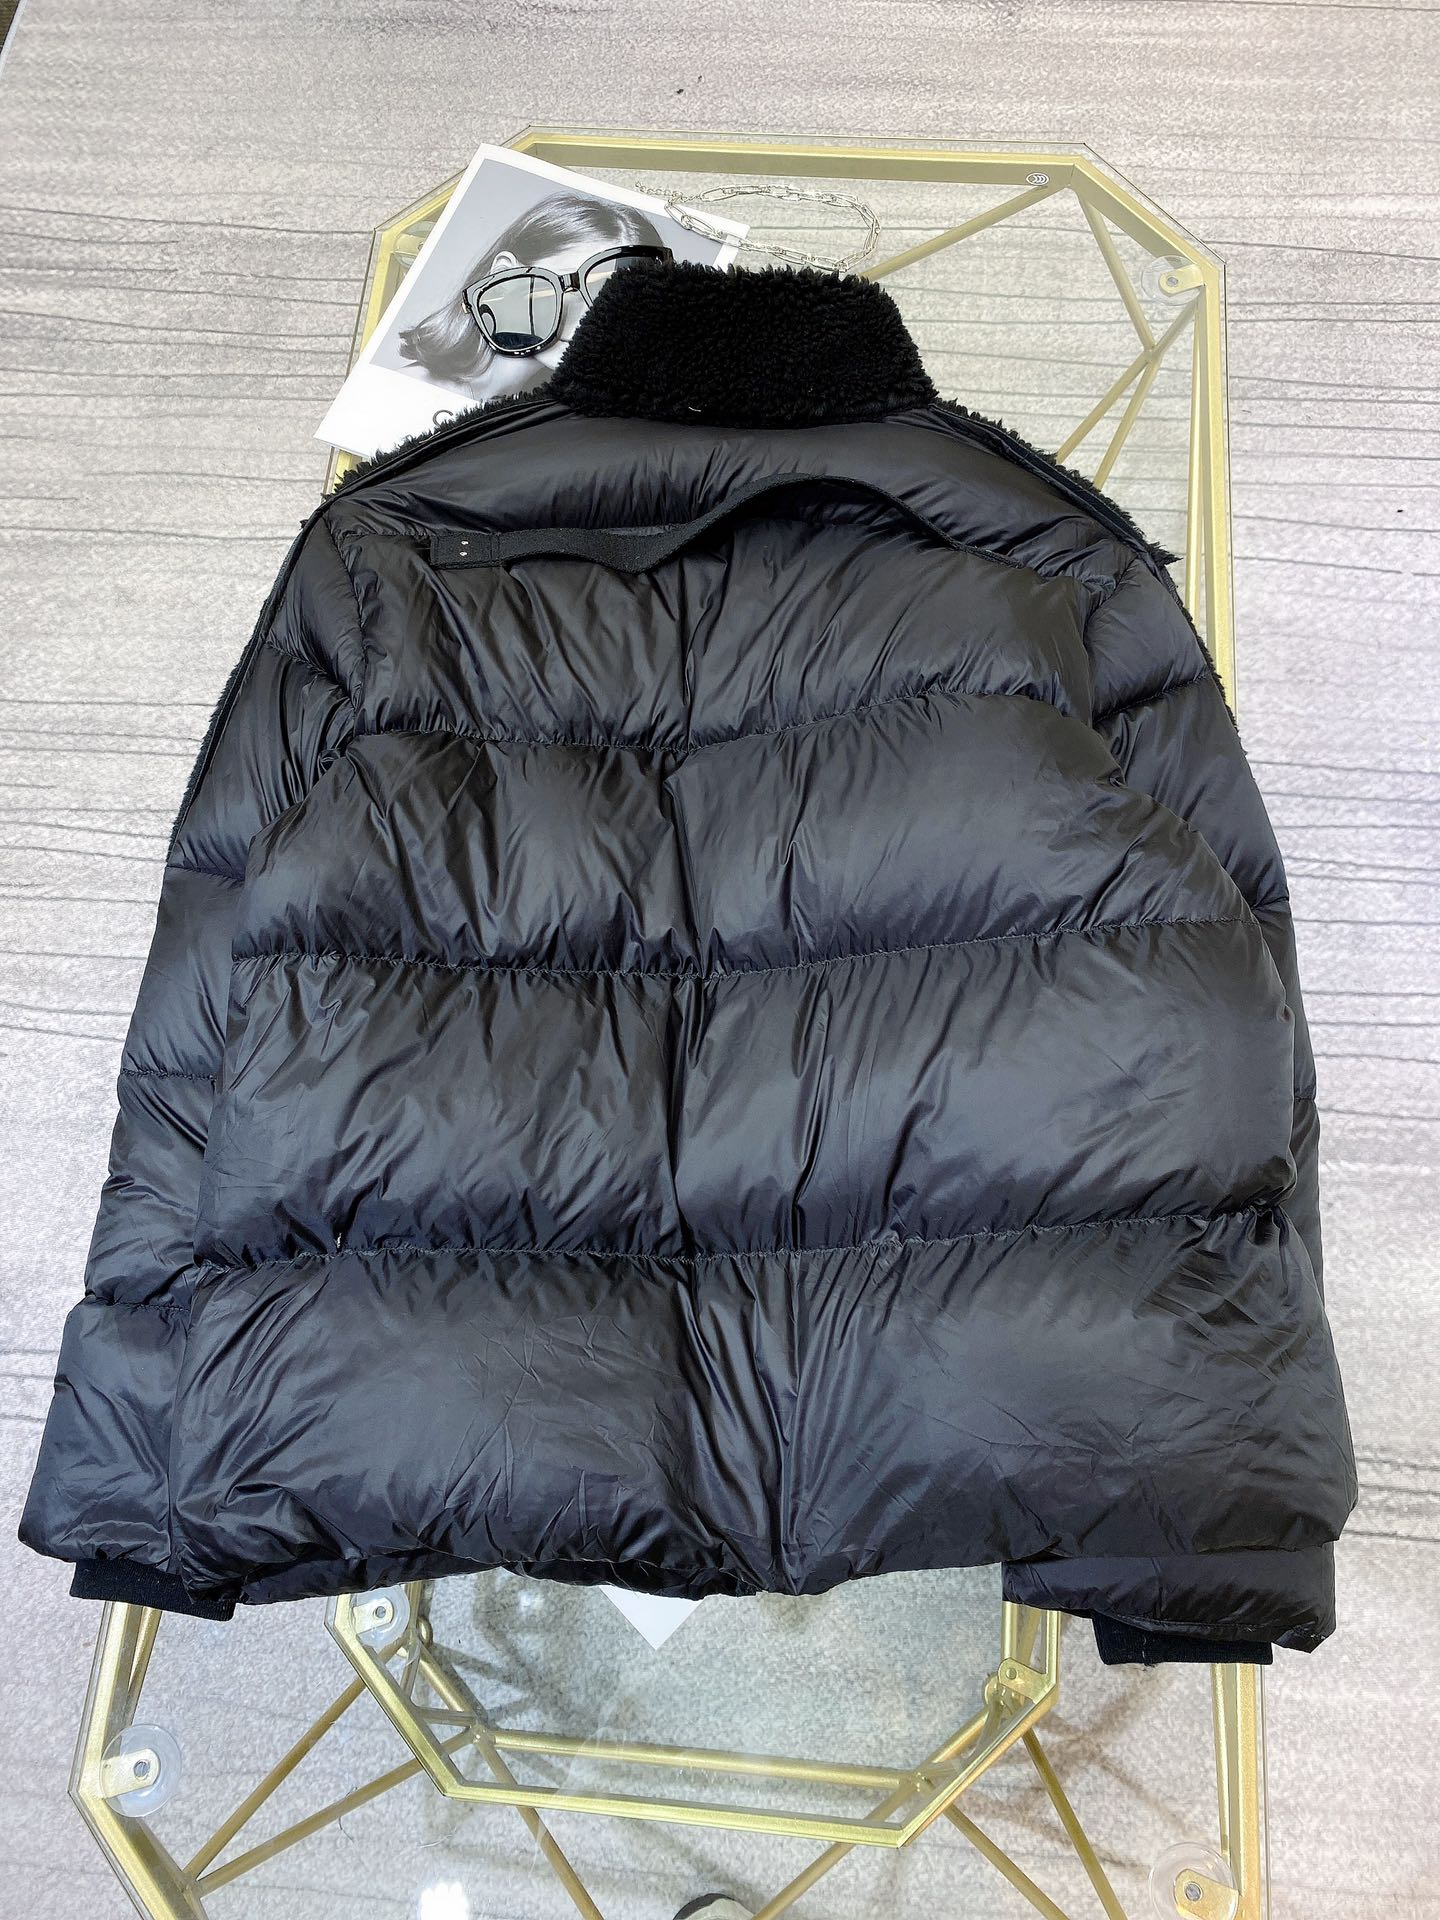 Moncler Женский зимний пуховик черный, верх натуральная овчина